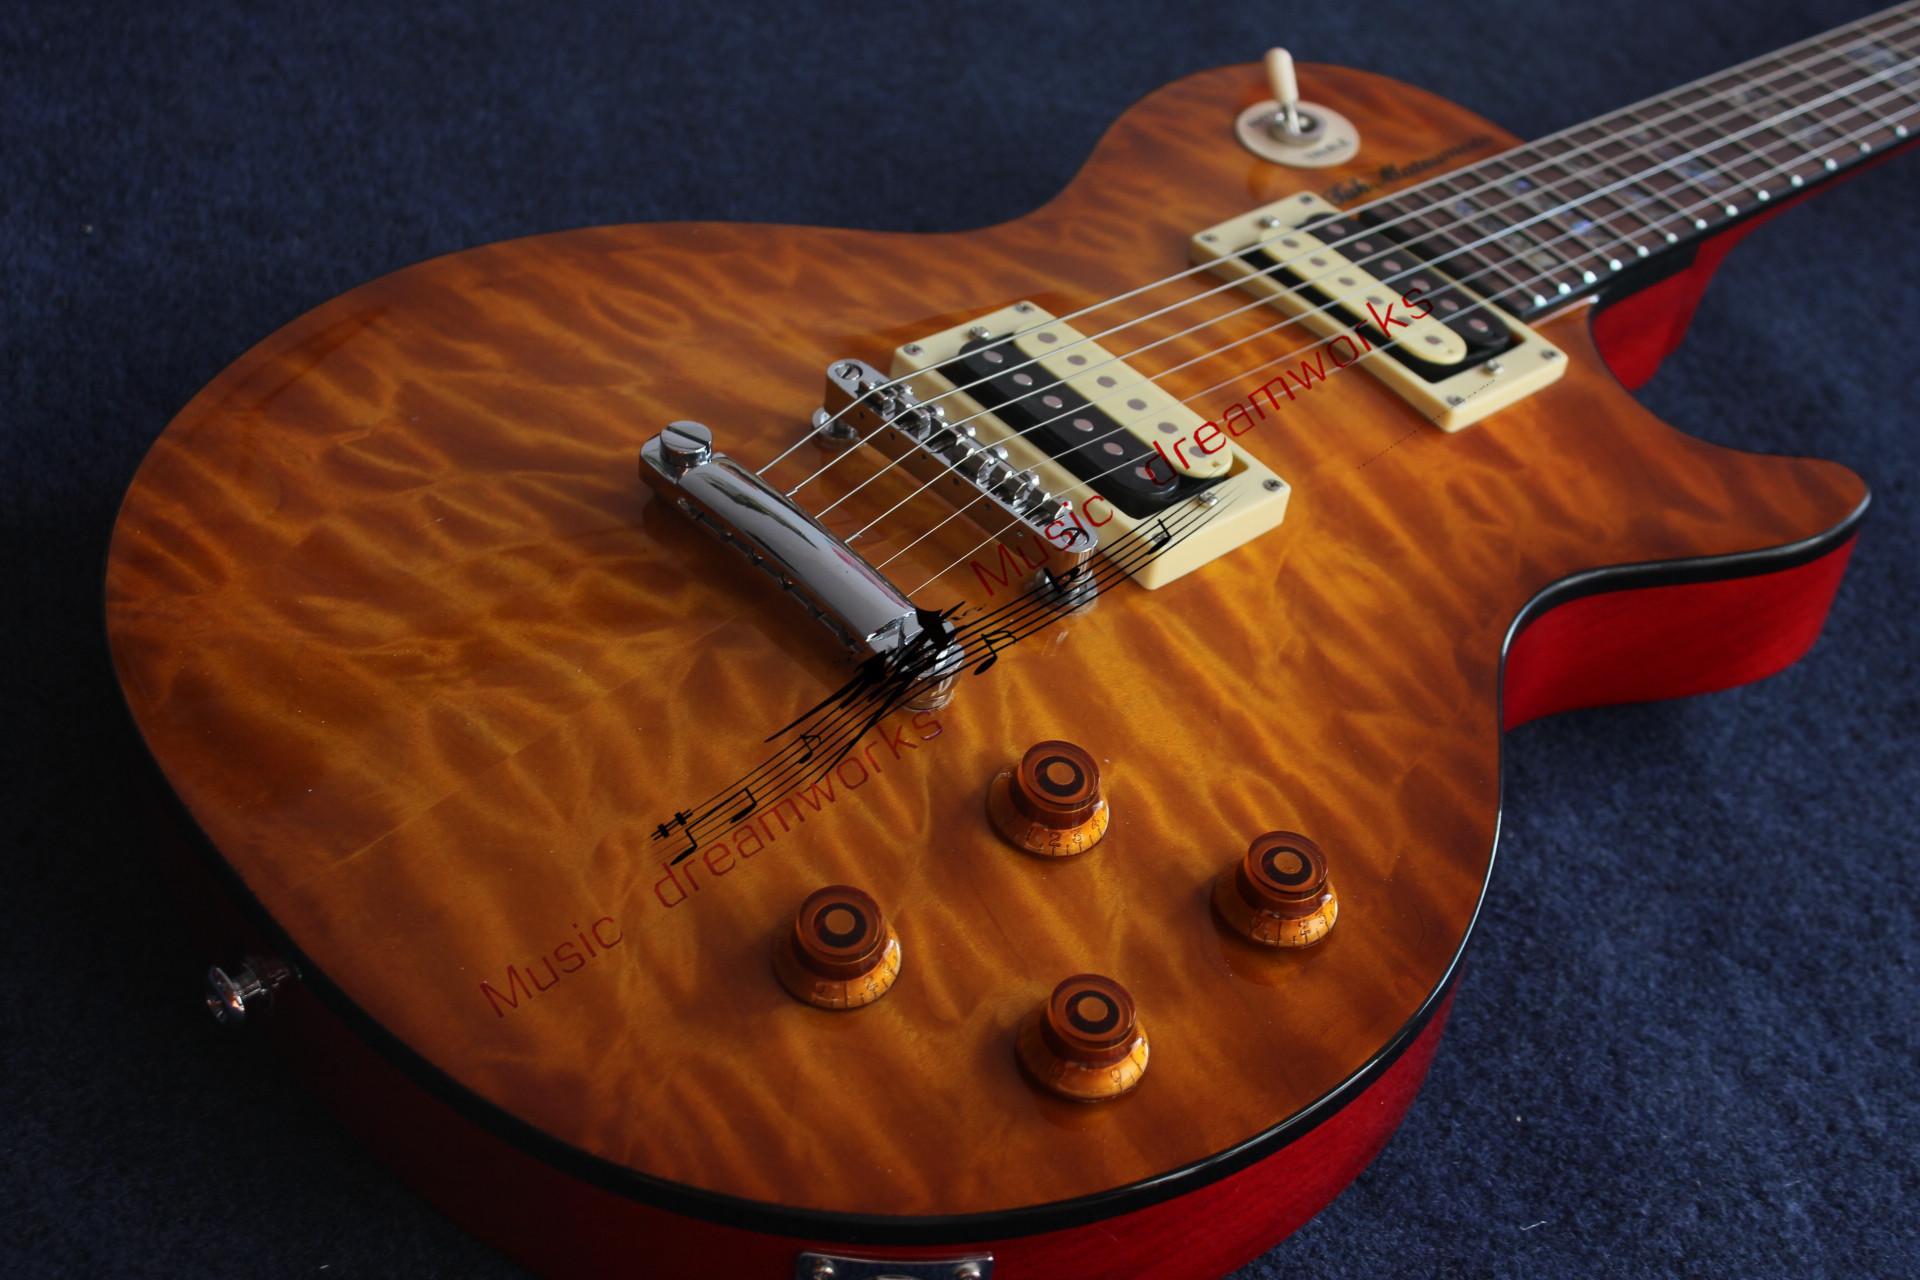 Chine G Guitar électrique G Guitare électrique G Stand standard Bois d'érable matelassé, Couleur rouge Choix naturelle Inlays Touche en palissandre